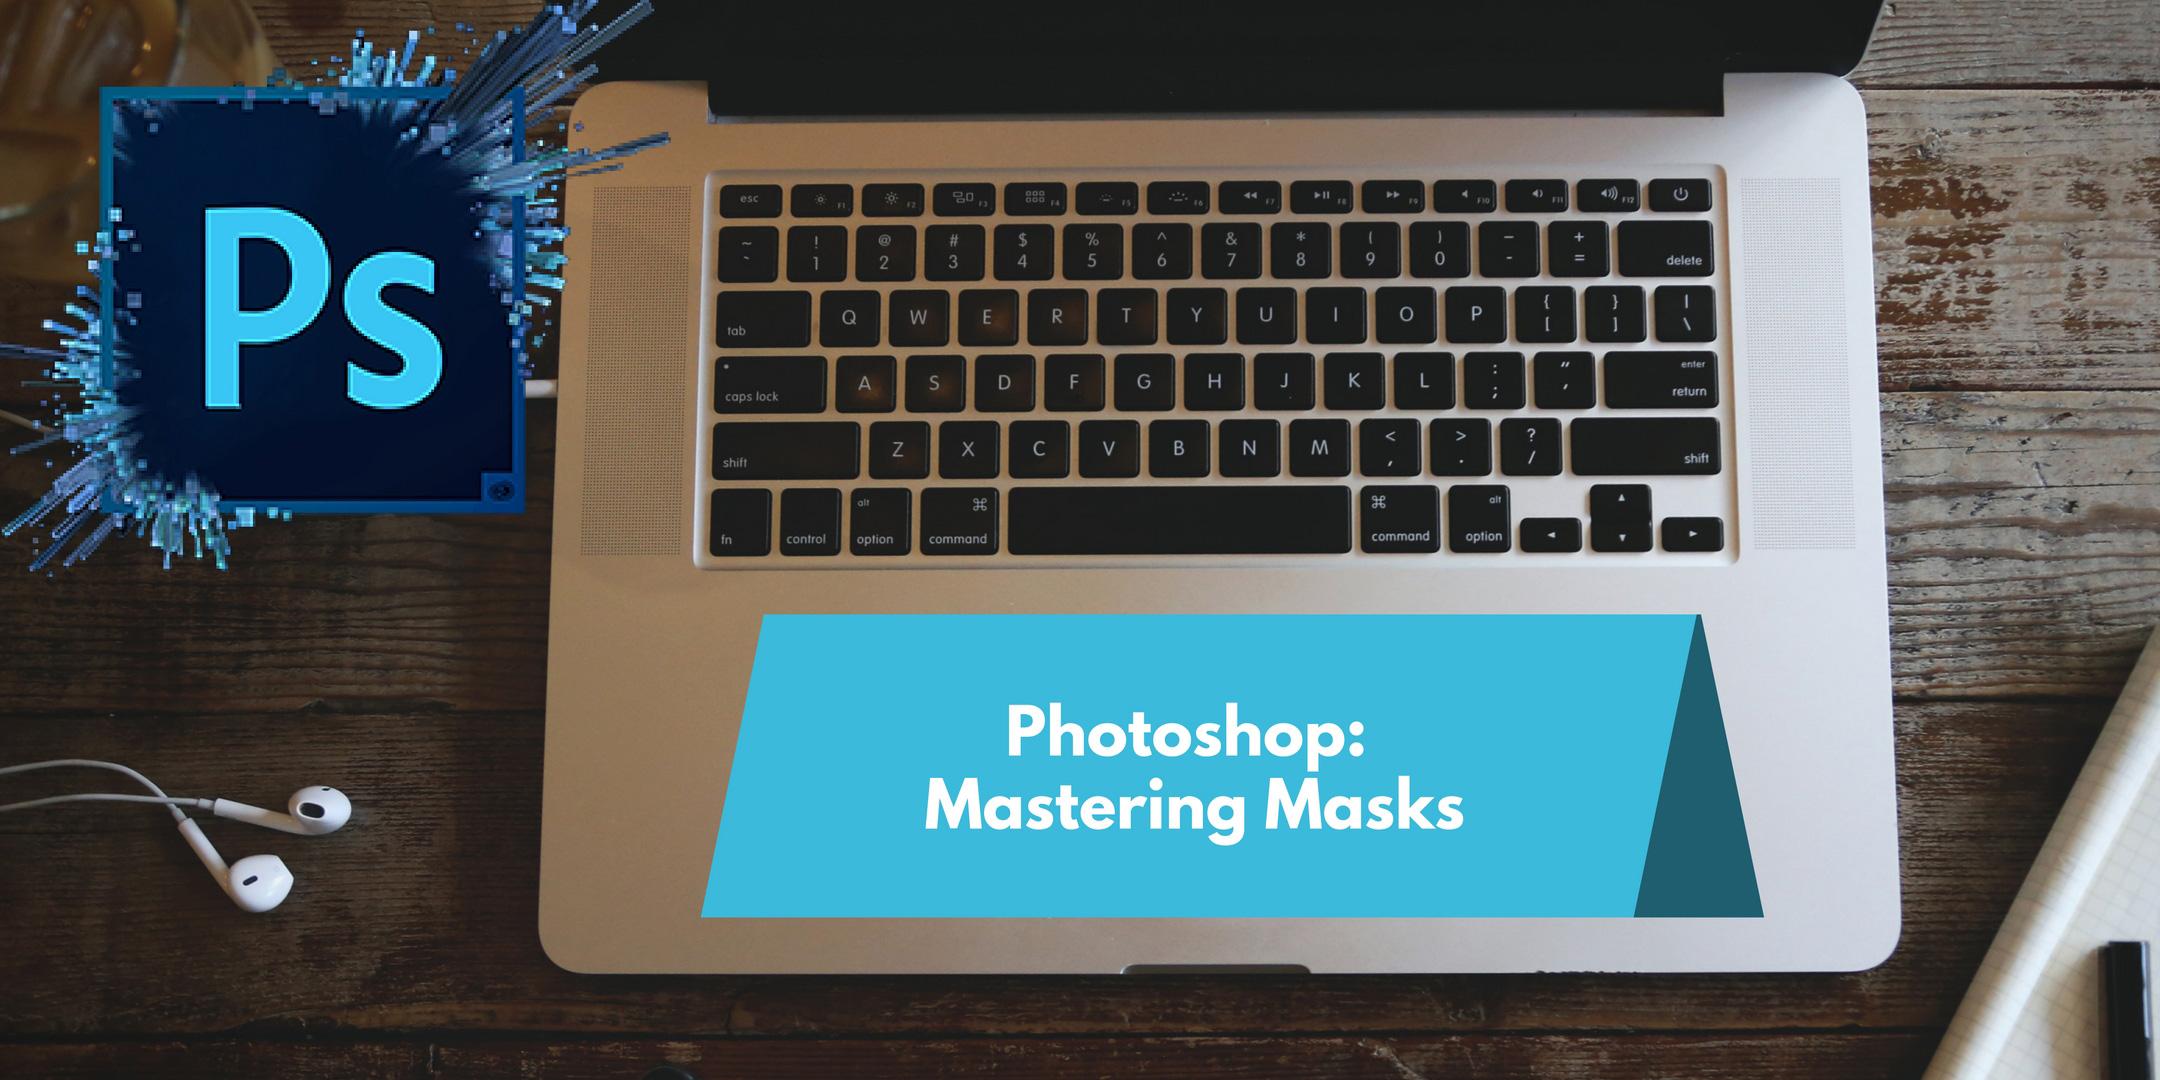 Mastering Masks